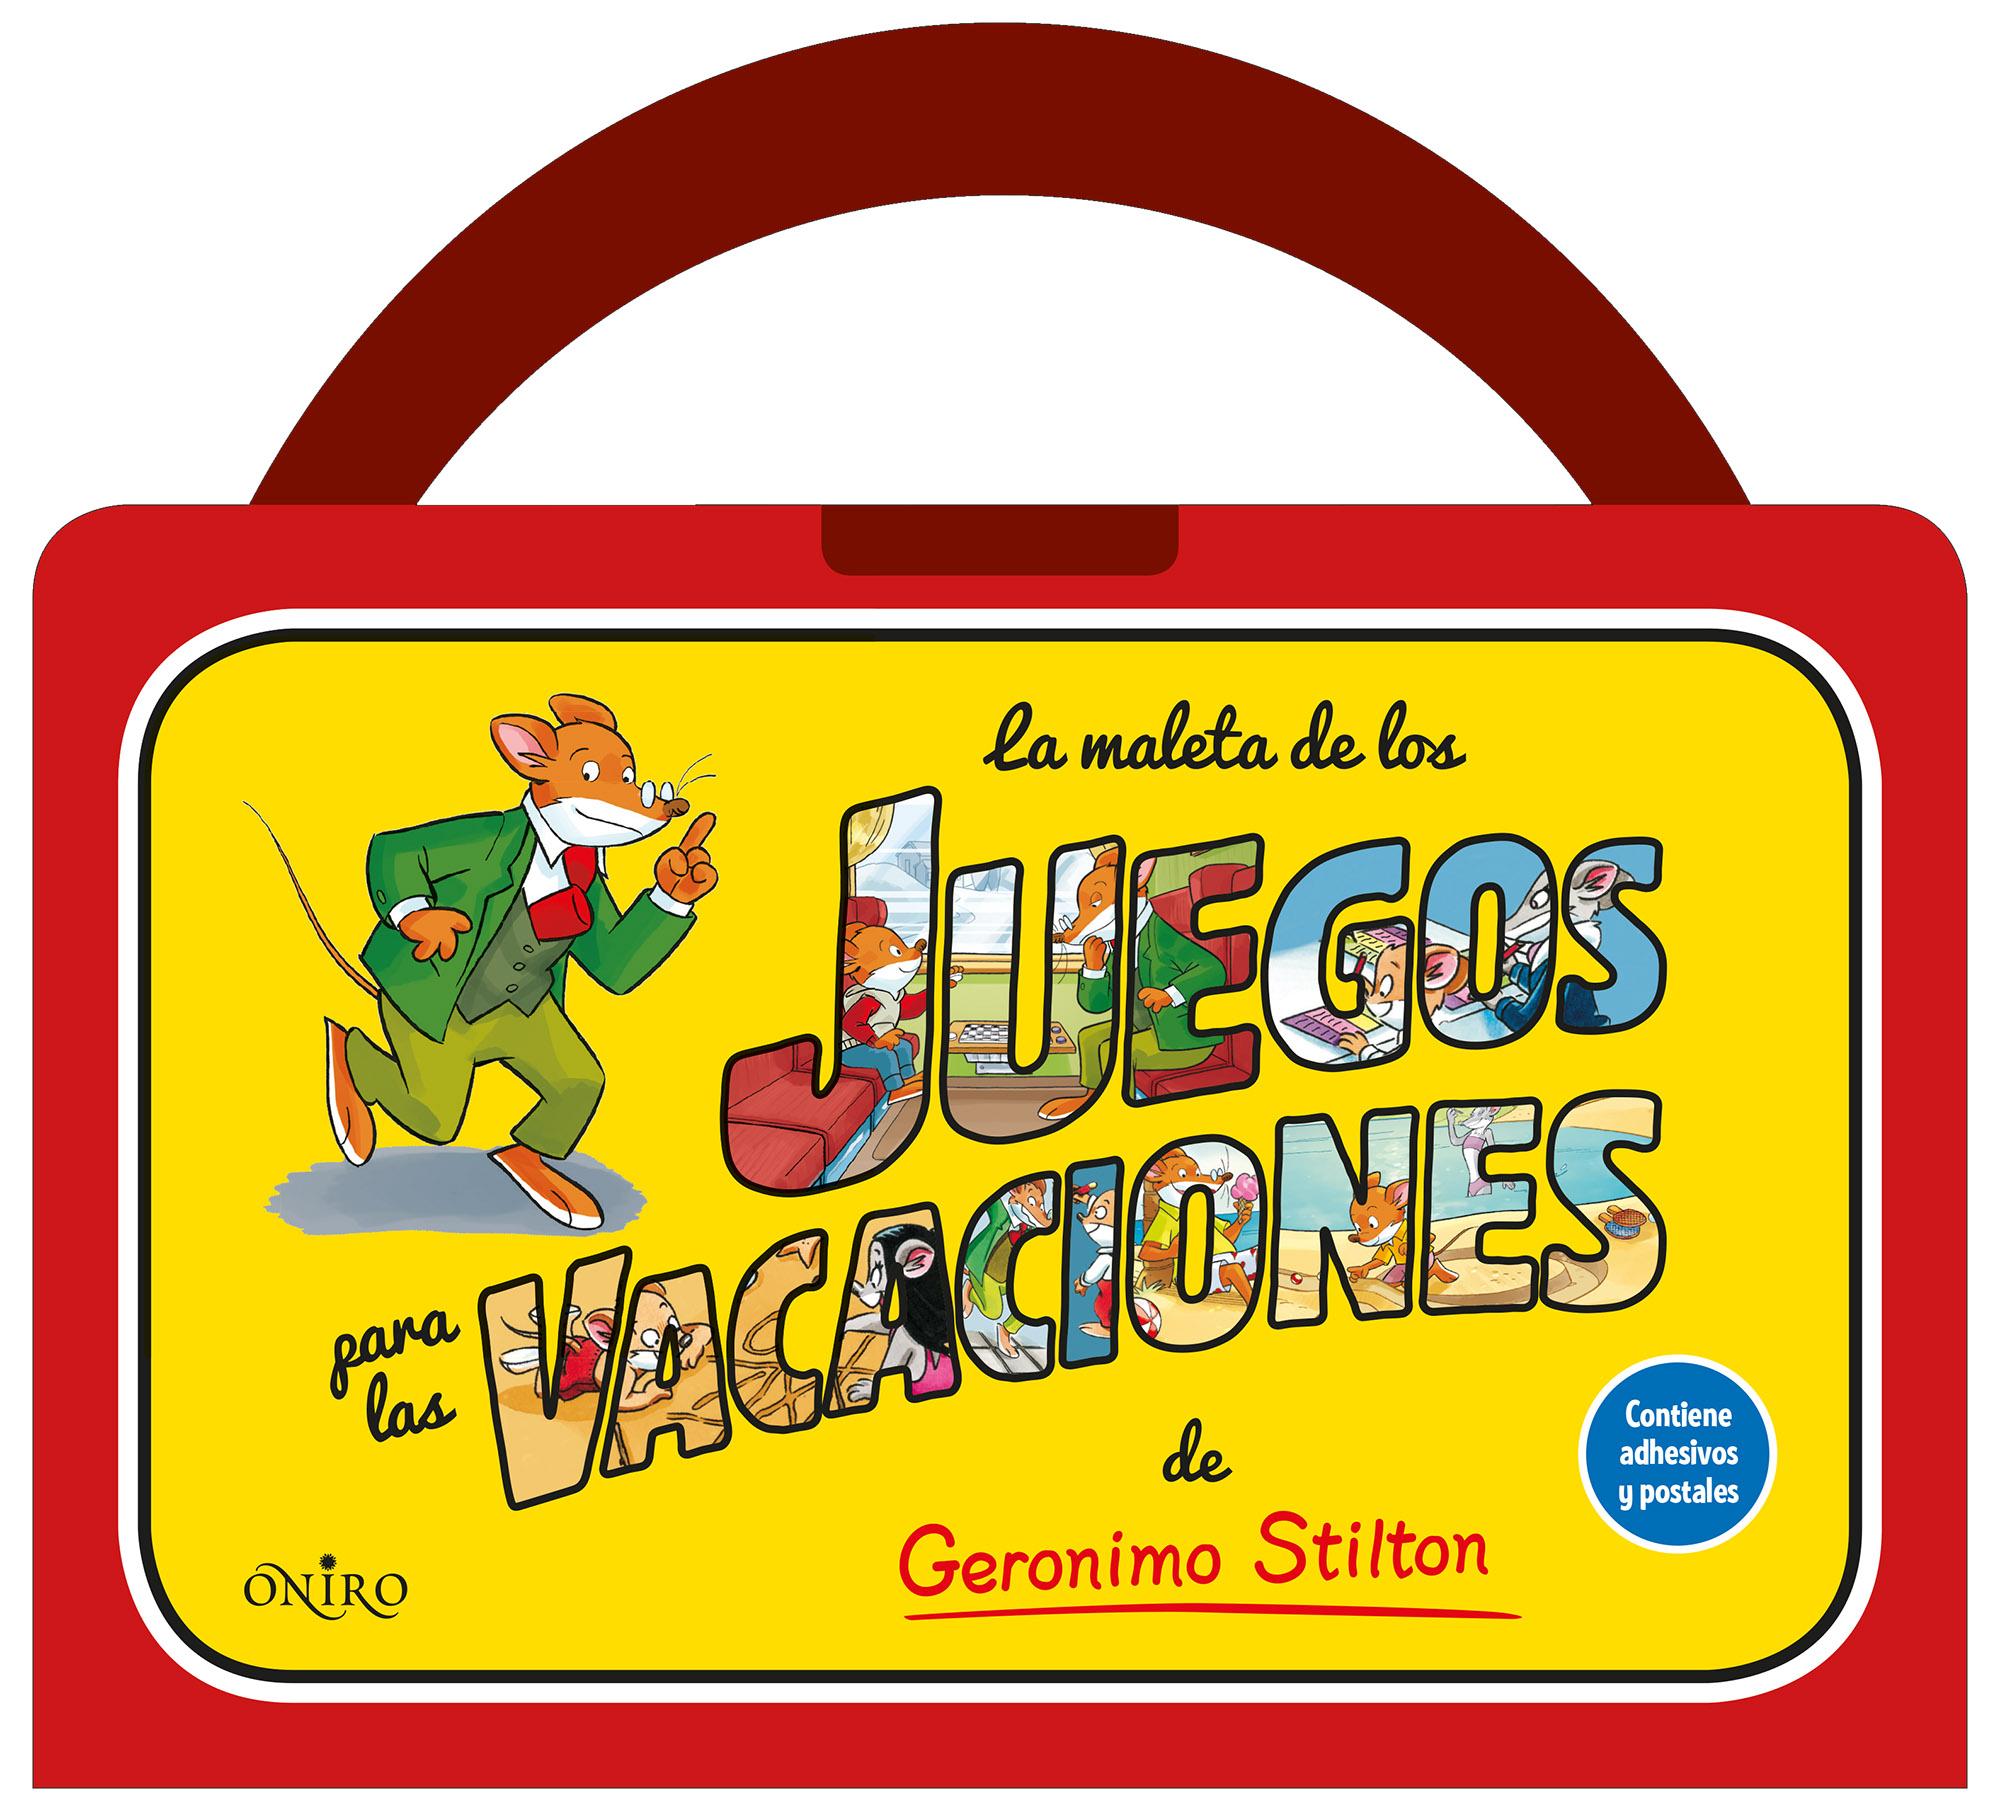 Actividades Geronimo Stilton La maleta de los juegos para las